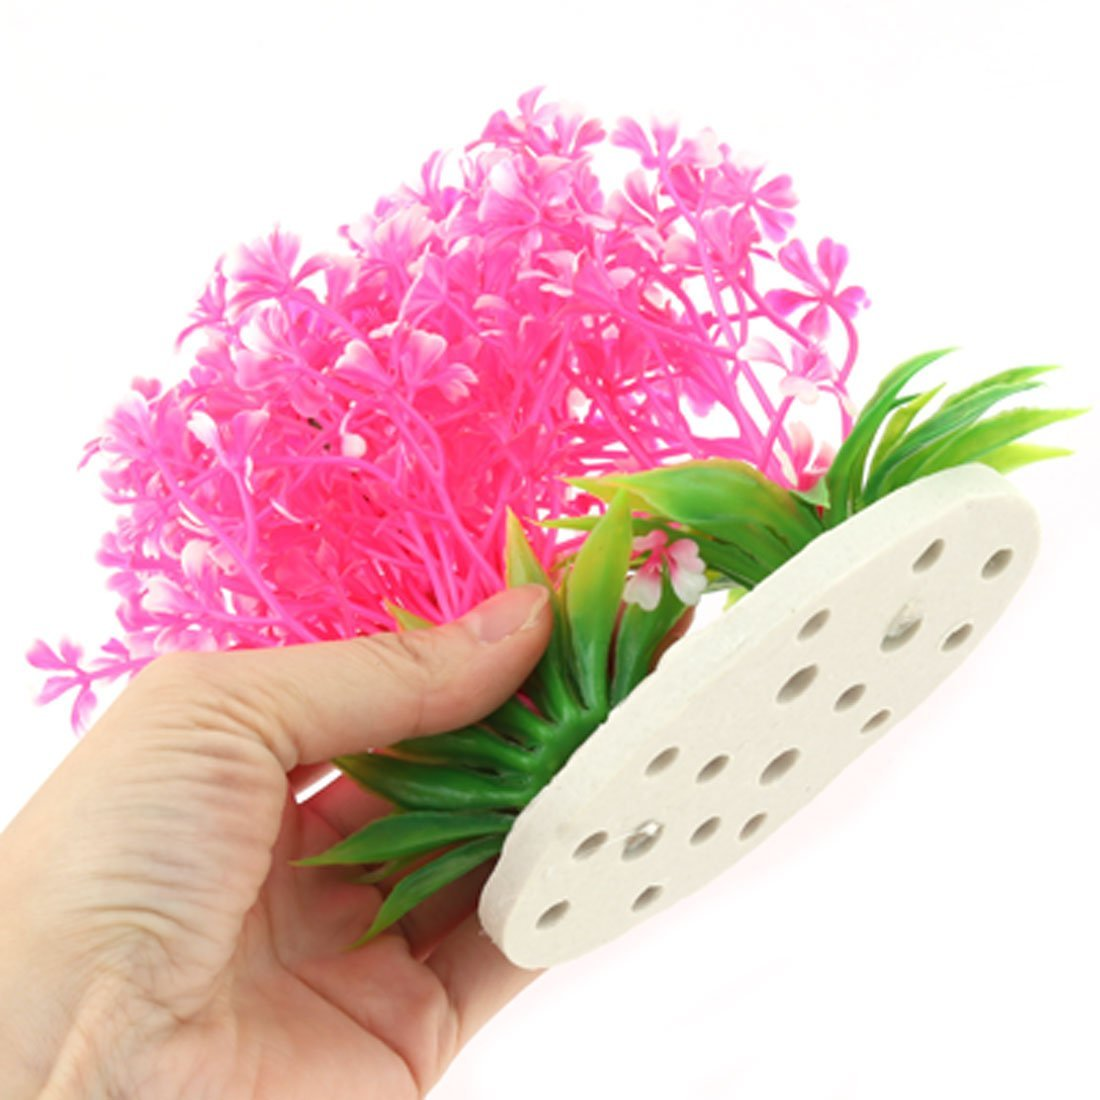 Amazon.com : eDealMax cerámica plástico Base acuario Artificial Debajo del agua Hierba rosa planta de decoración : Pet Supplies